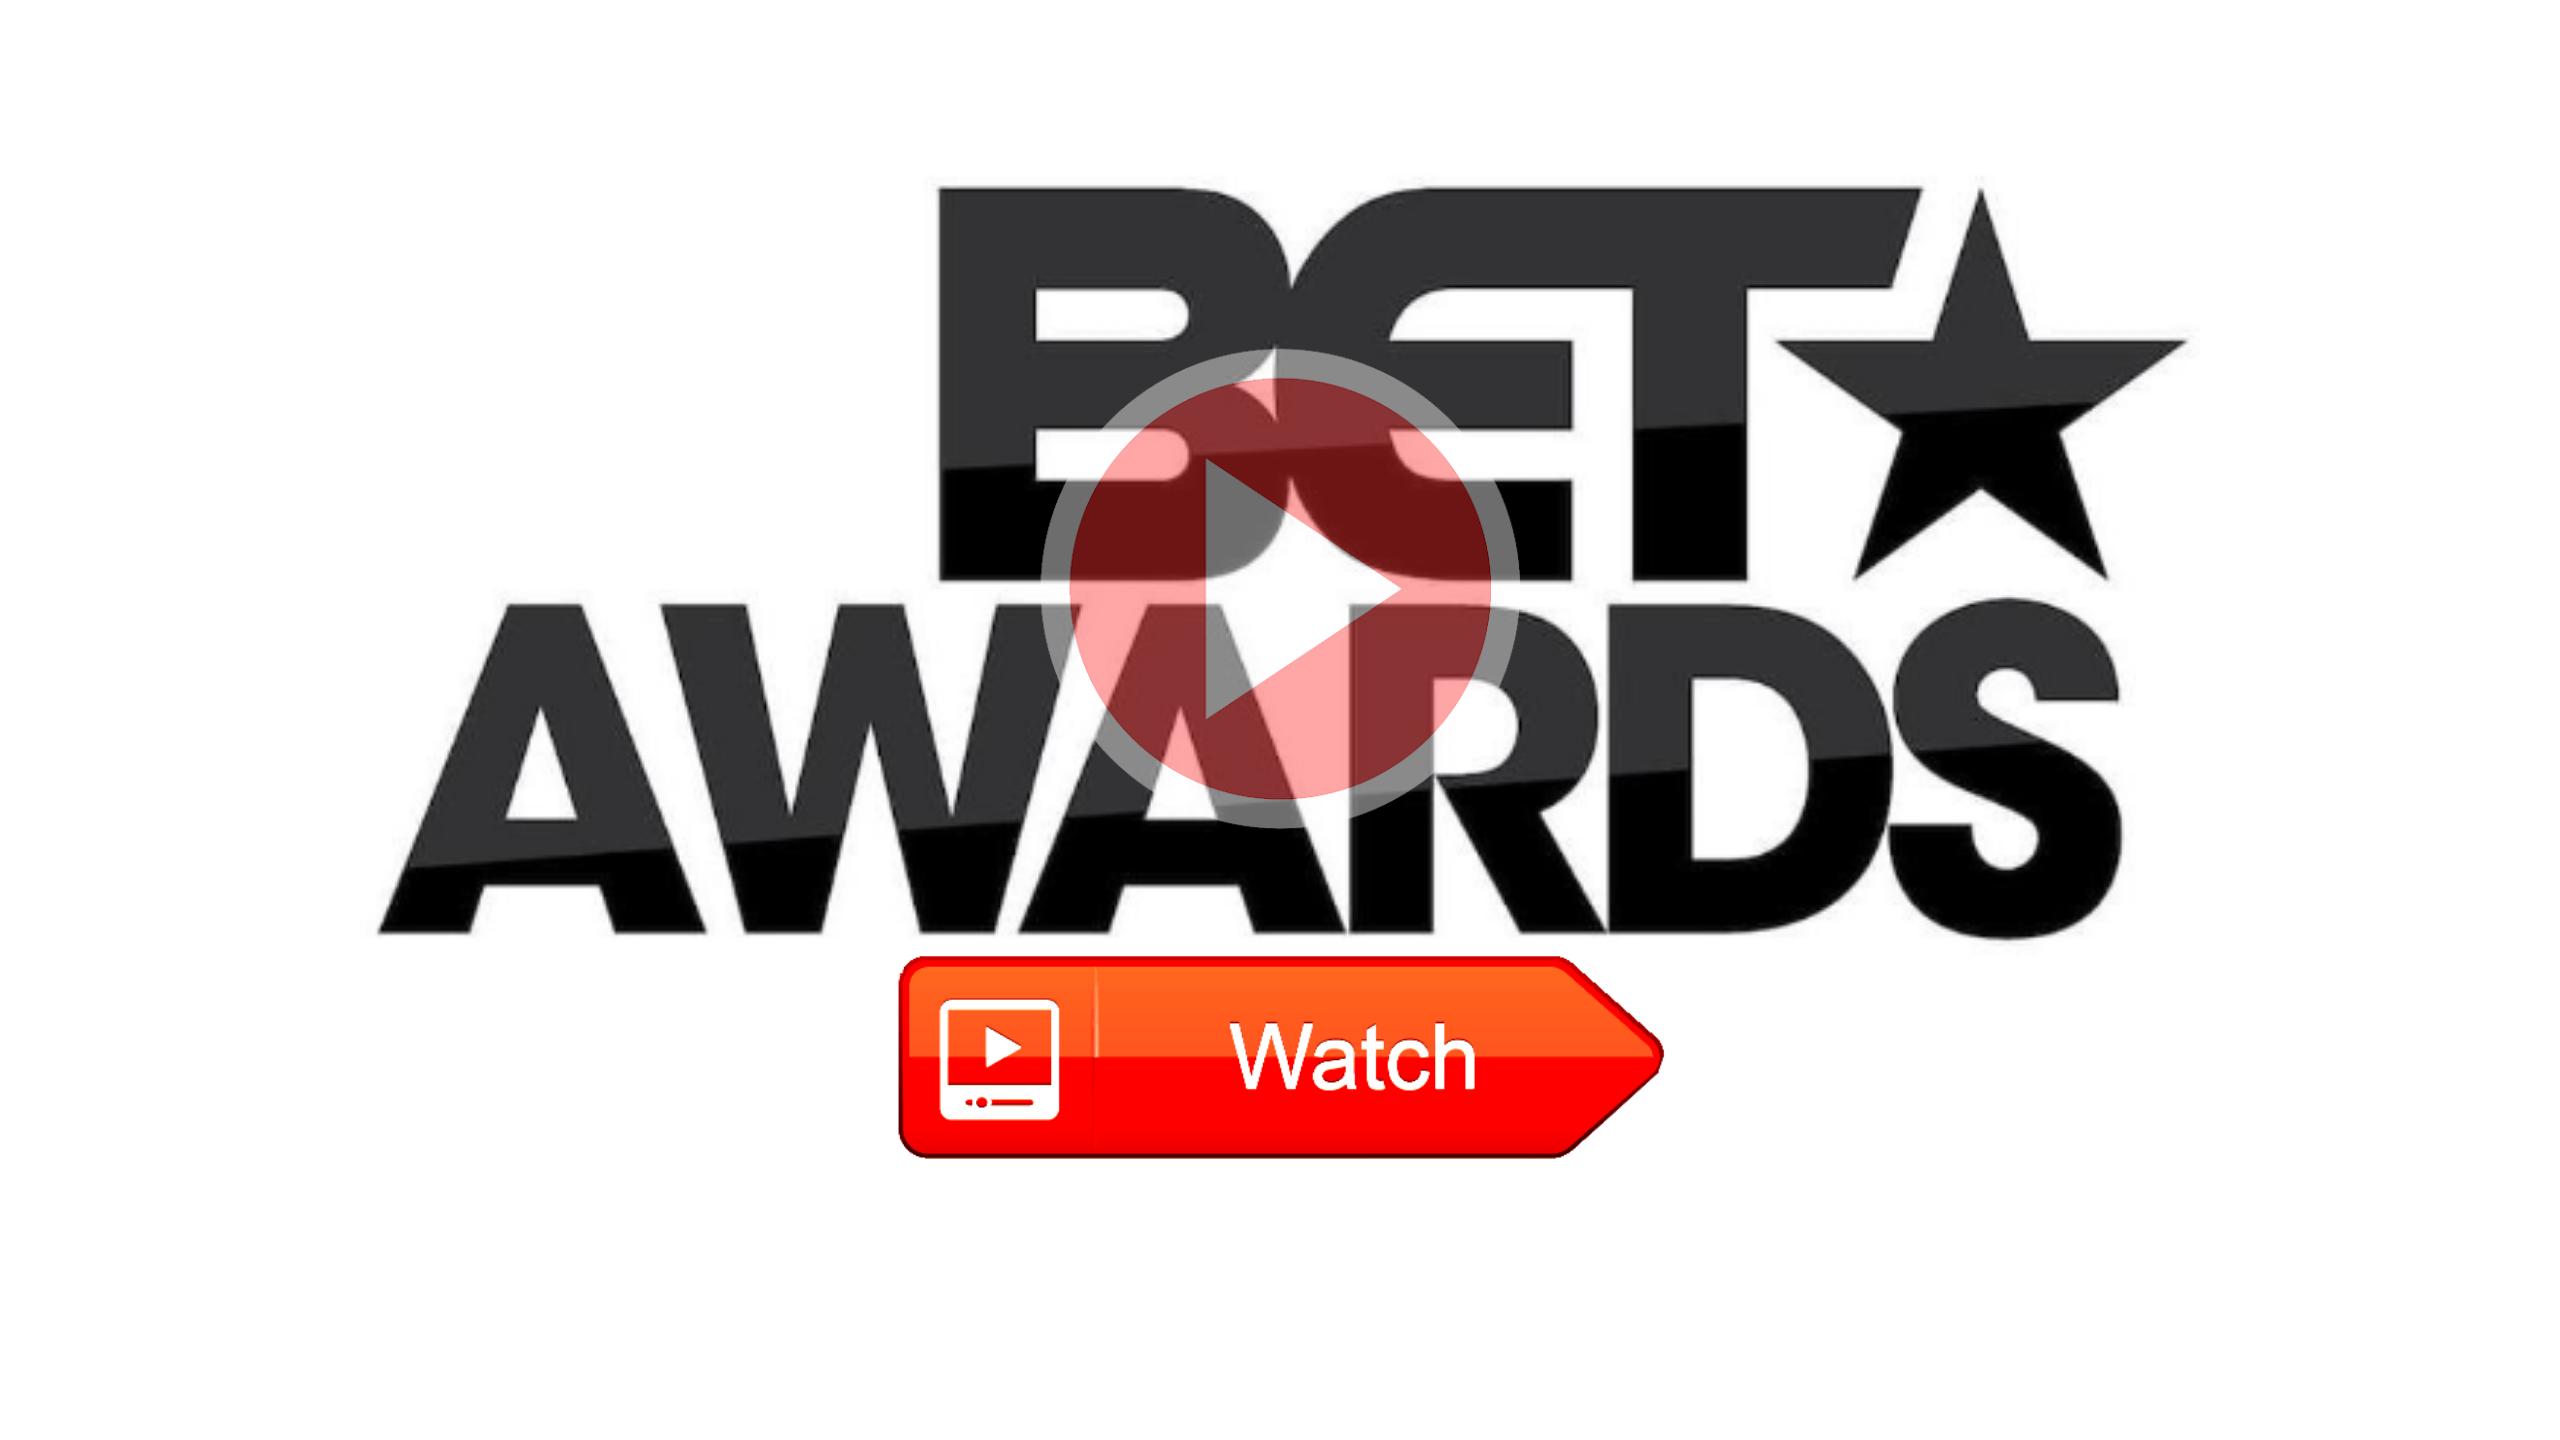 Official Live Bet Awards 2020 Live Streams Reddit In 2020 Bet Awards Awards Grammy Awards